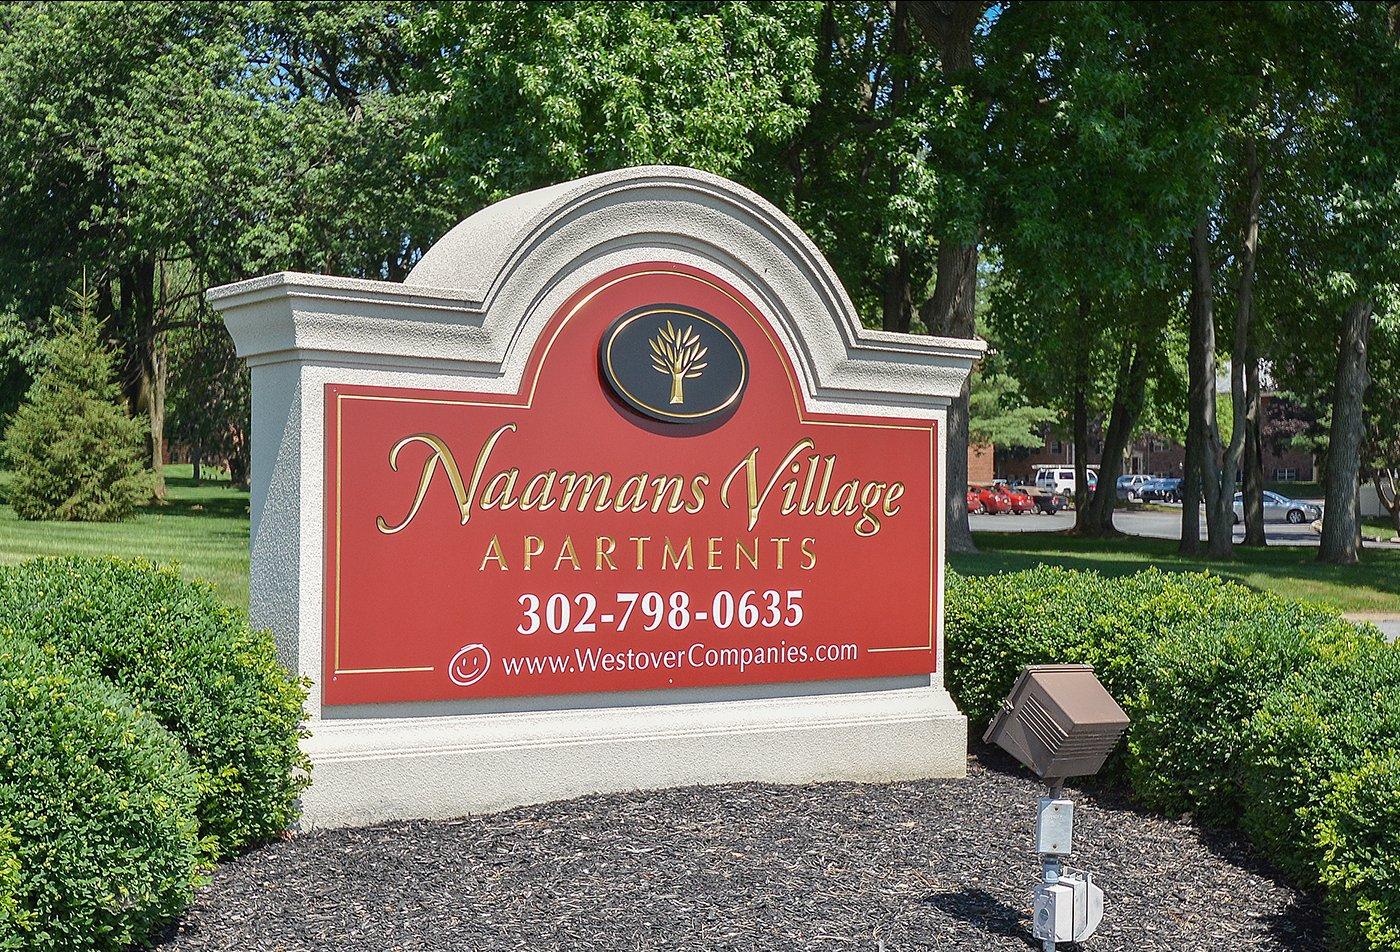 Apartments in Claymont, DE | Naamans Village Apartments